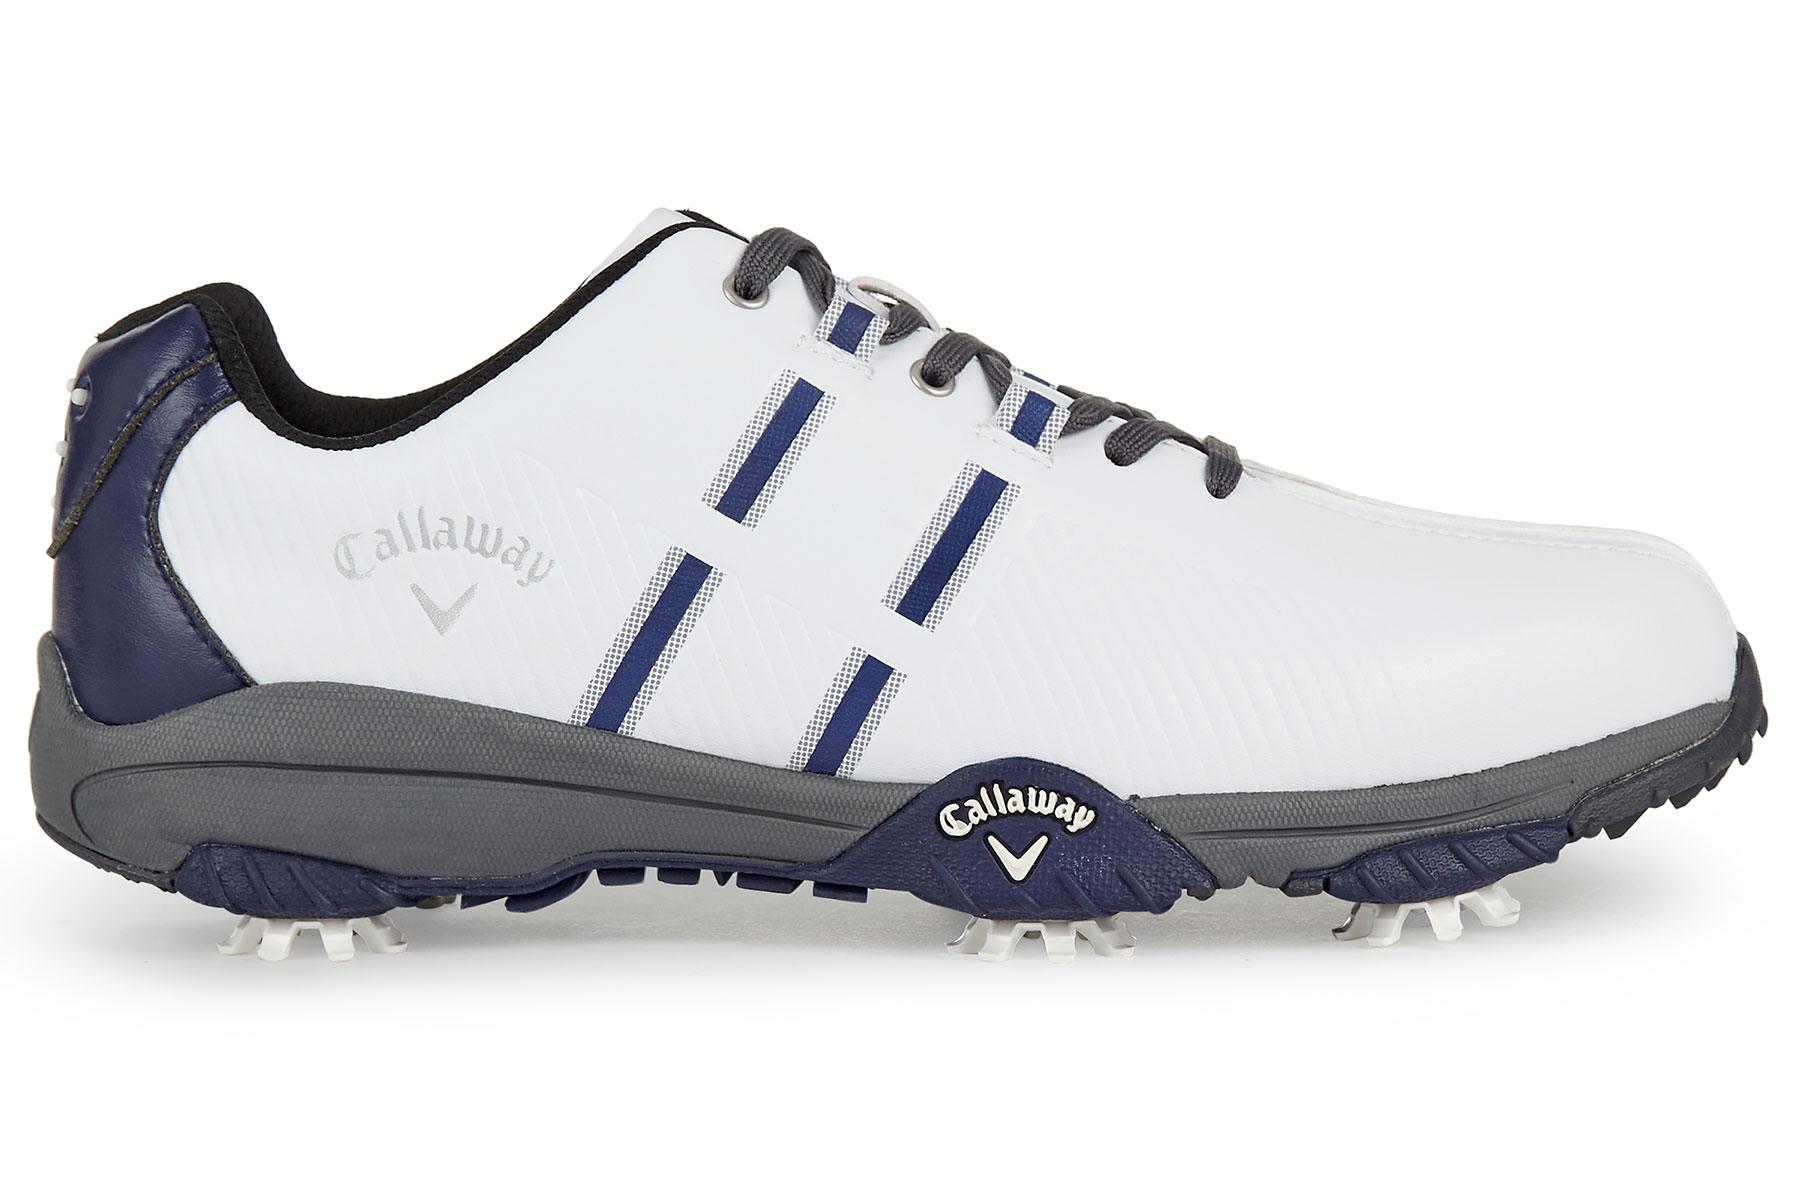 Callaway Golf Shoe Size Guide